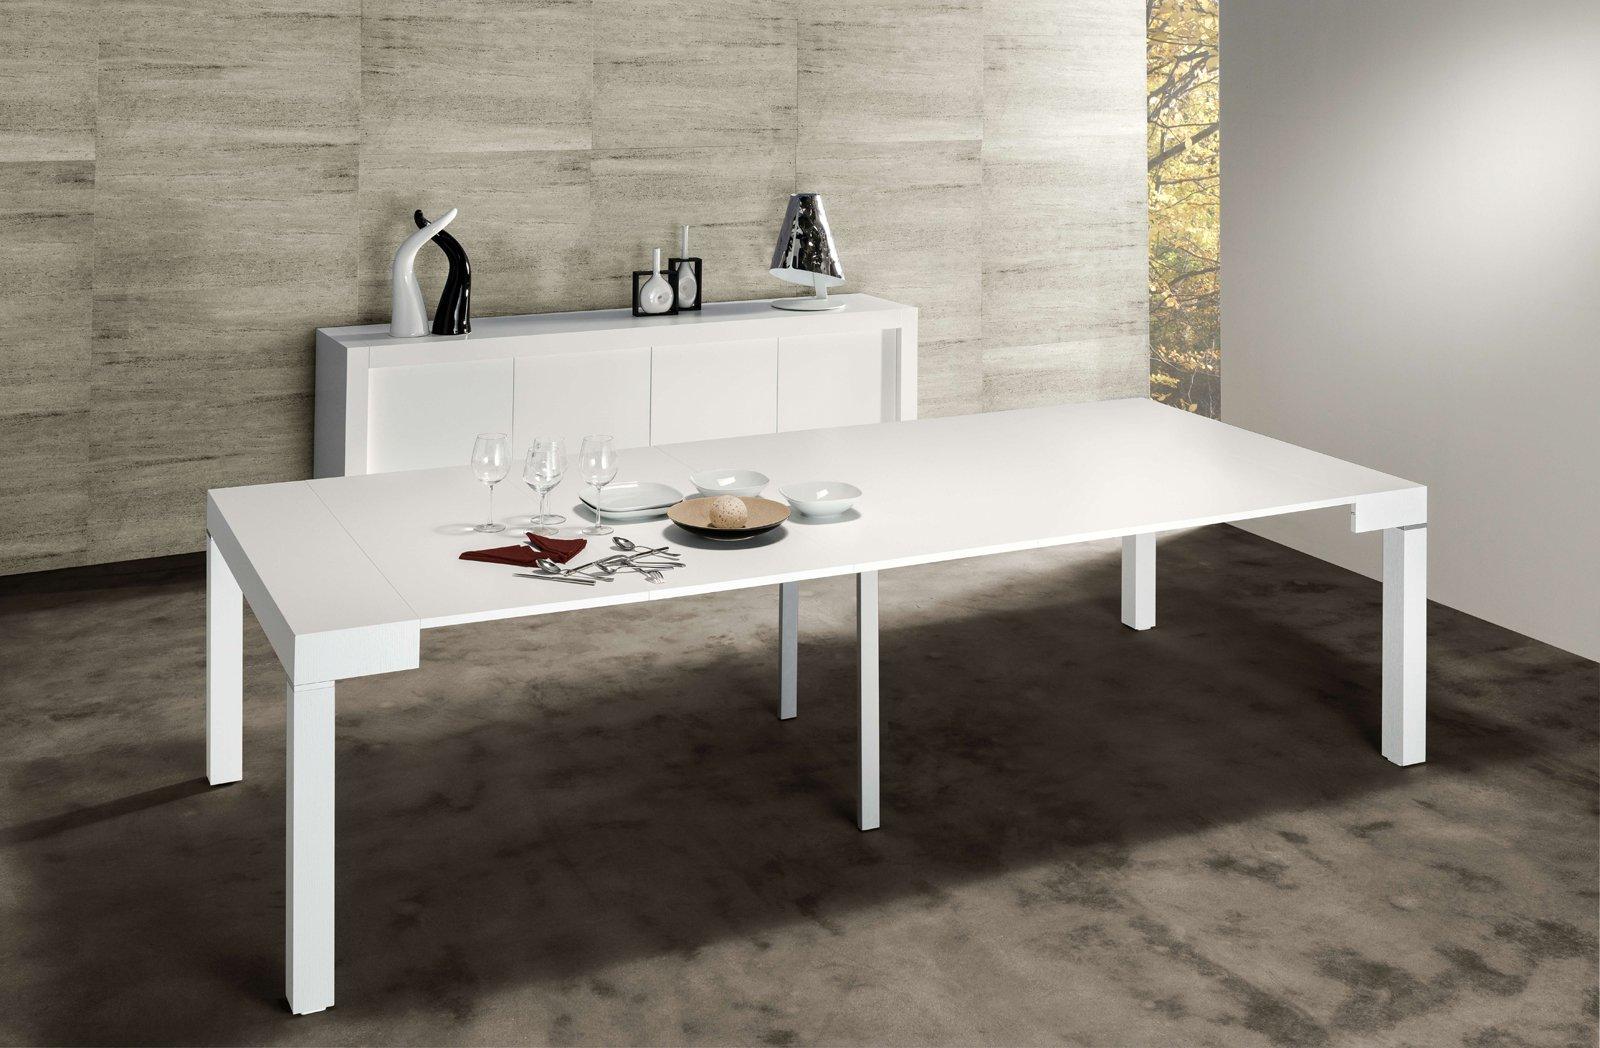 La console che diventa maxi tavolo cose di casa - Tavolo a consolle mondo convenienza ...